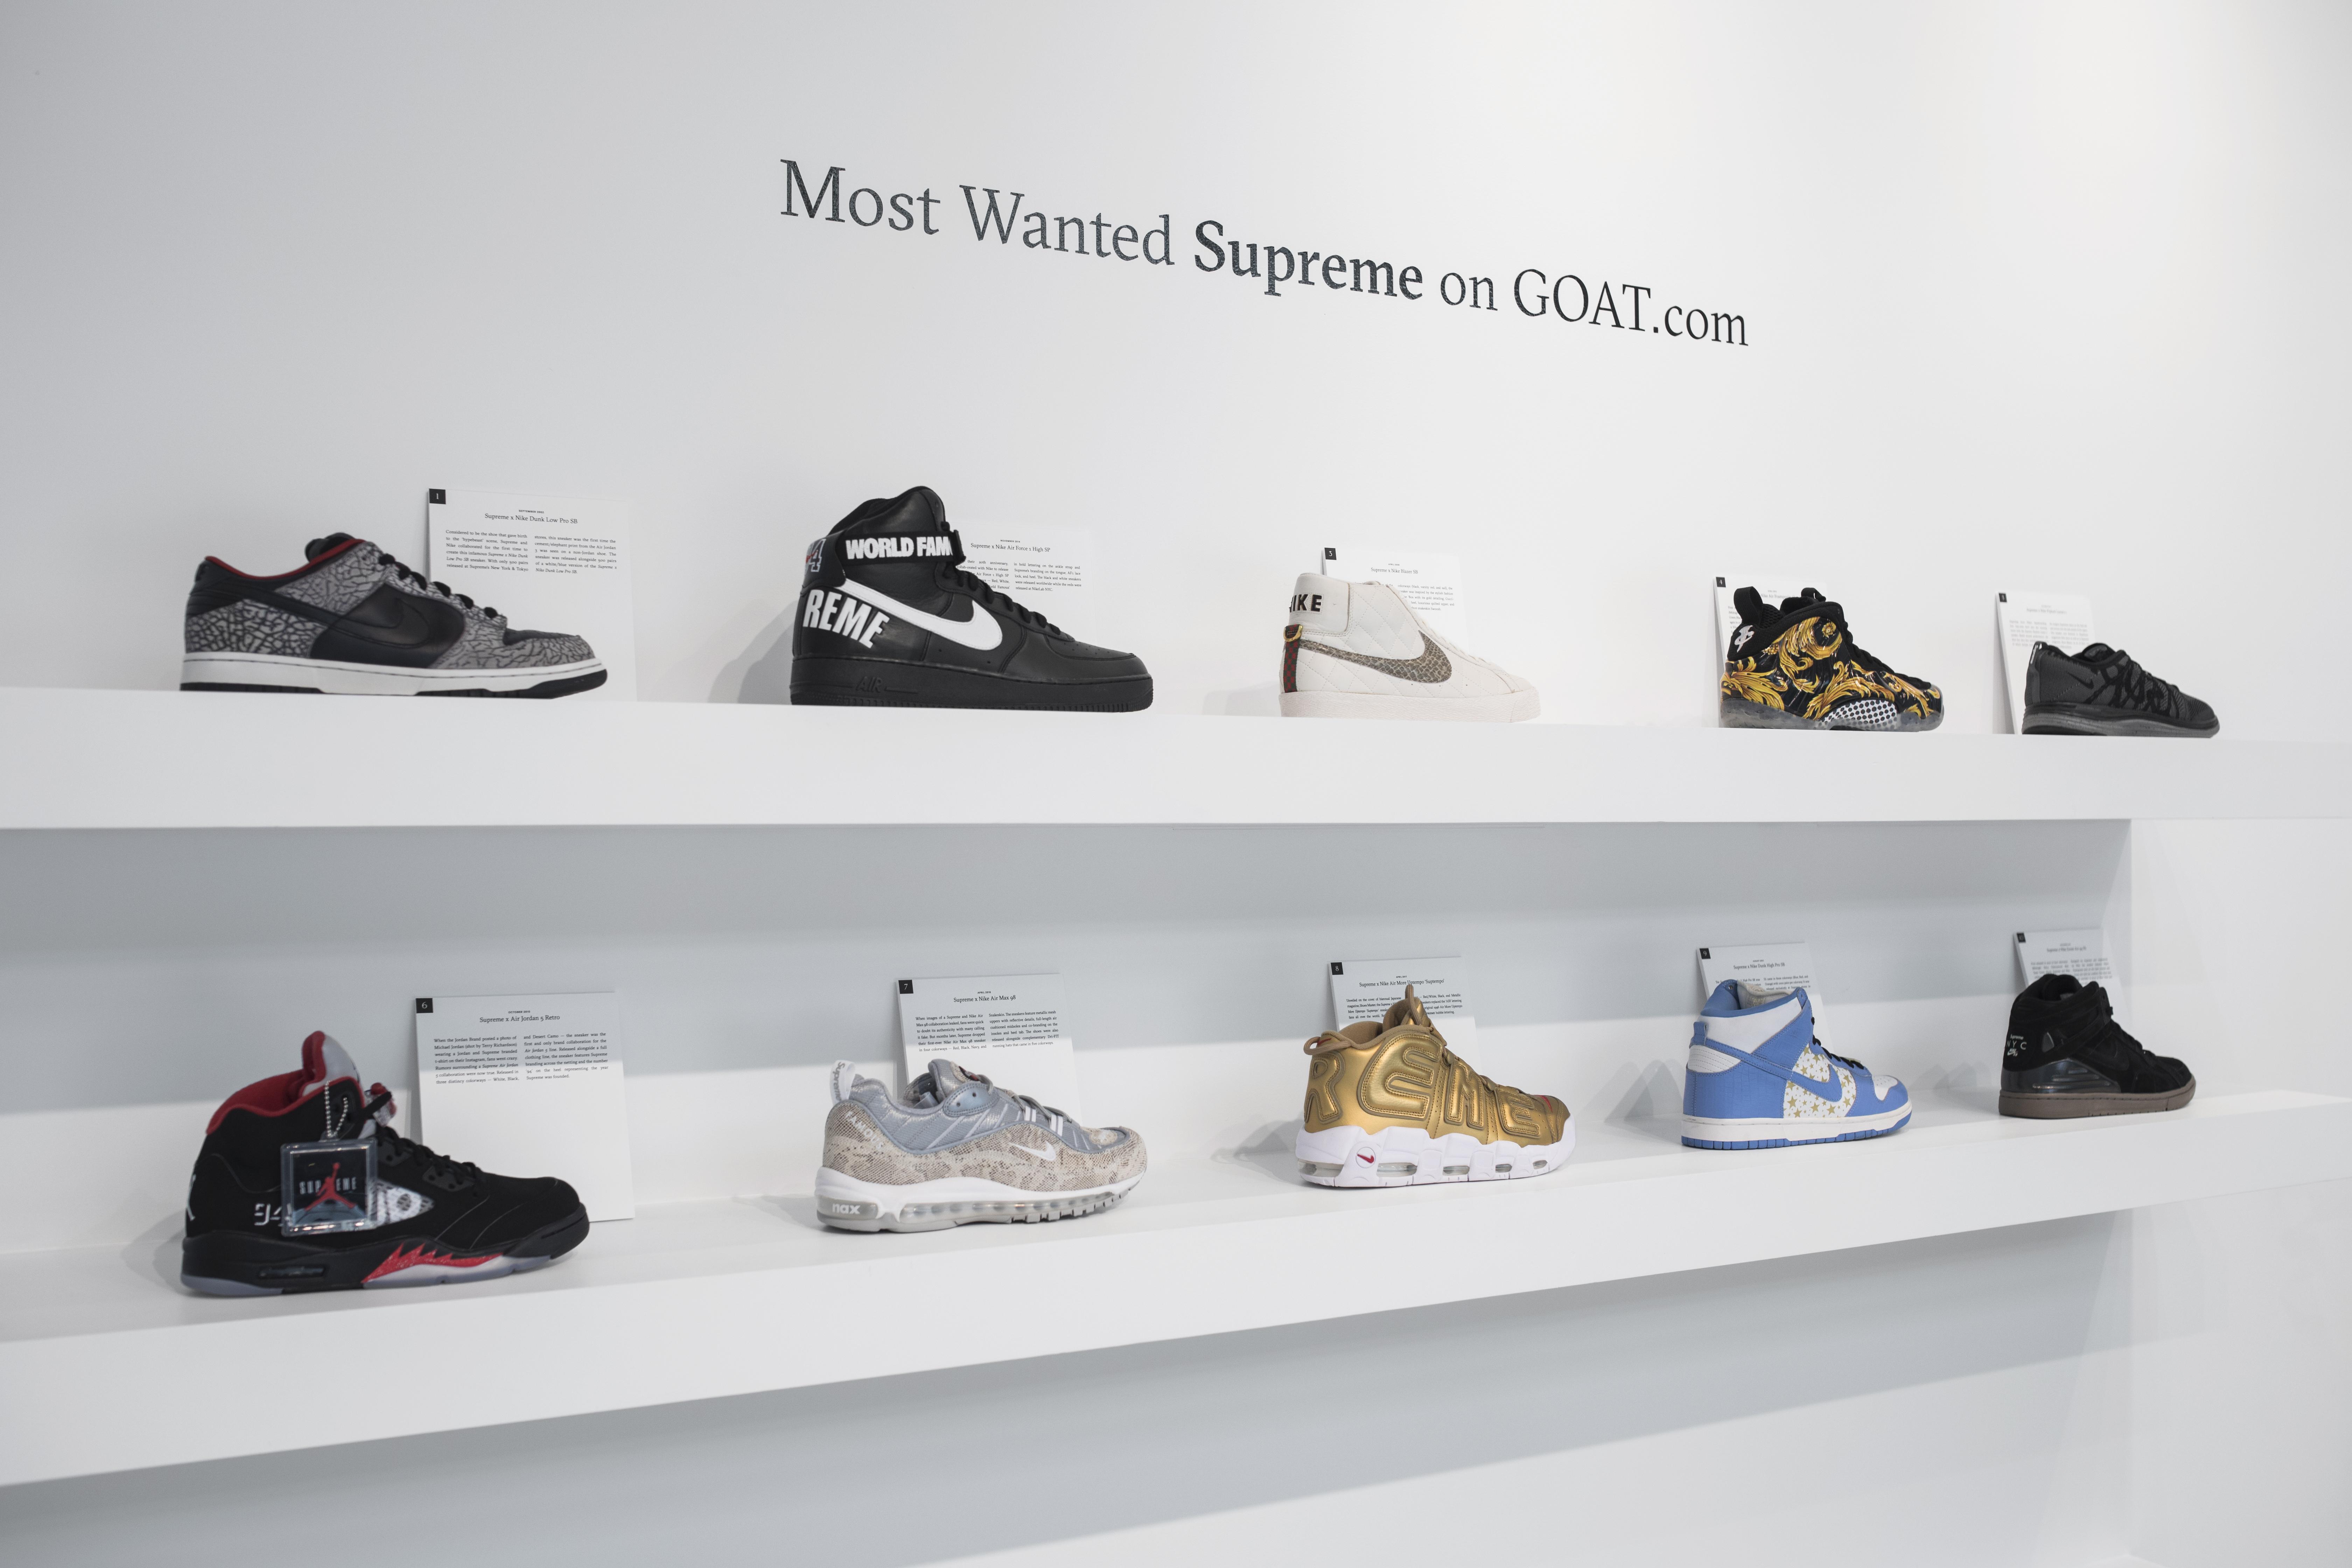 Sneaker Reseller Goat's Pop-up Exhibit